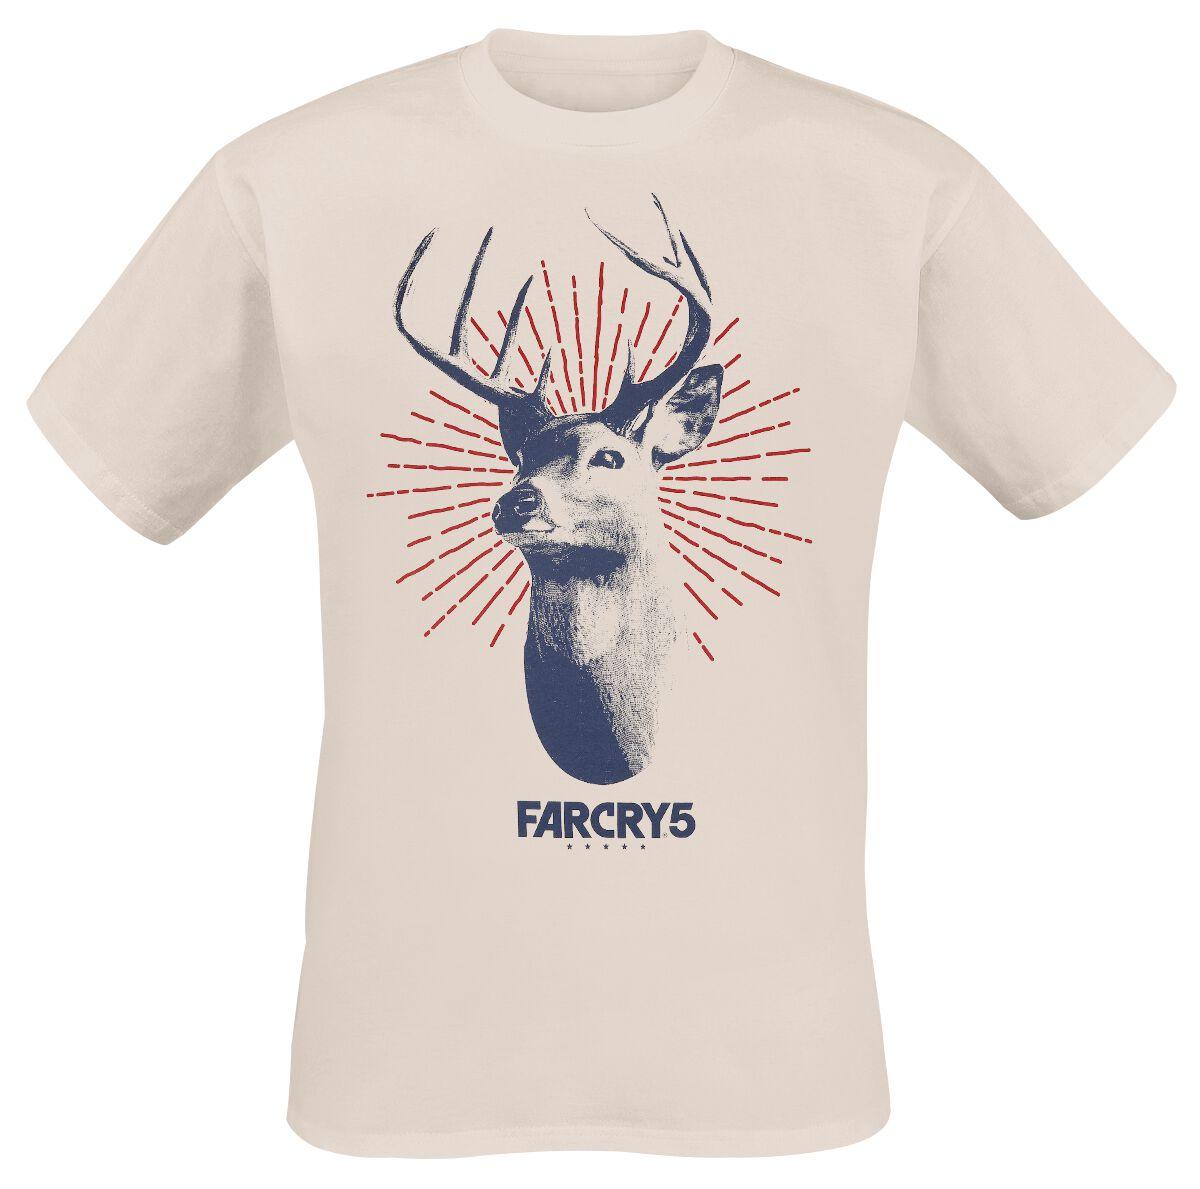 Merch dla Fanów - Koszulki - T-Shirt Far Cry 5 - Deer Logo T-Shirt piaskowy - 374298